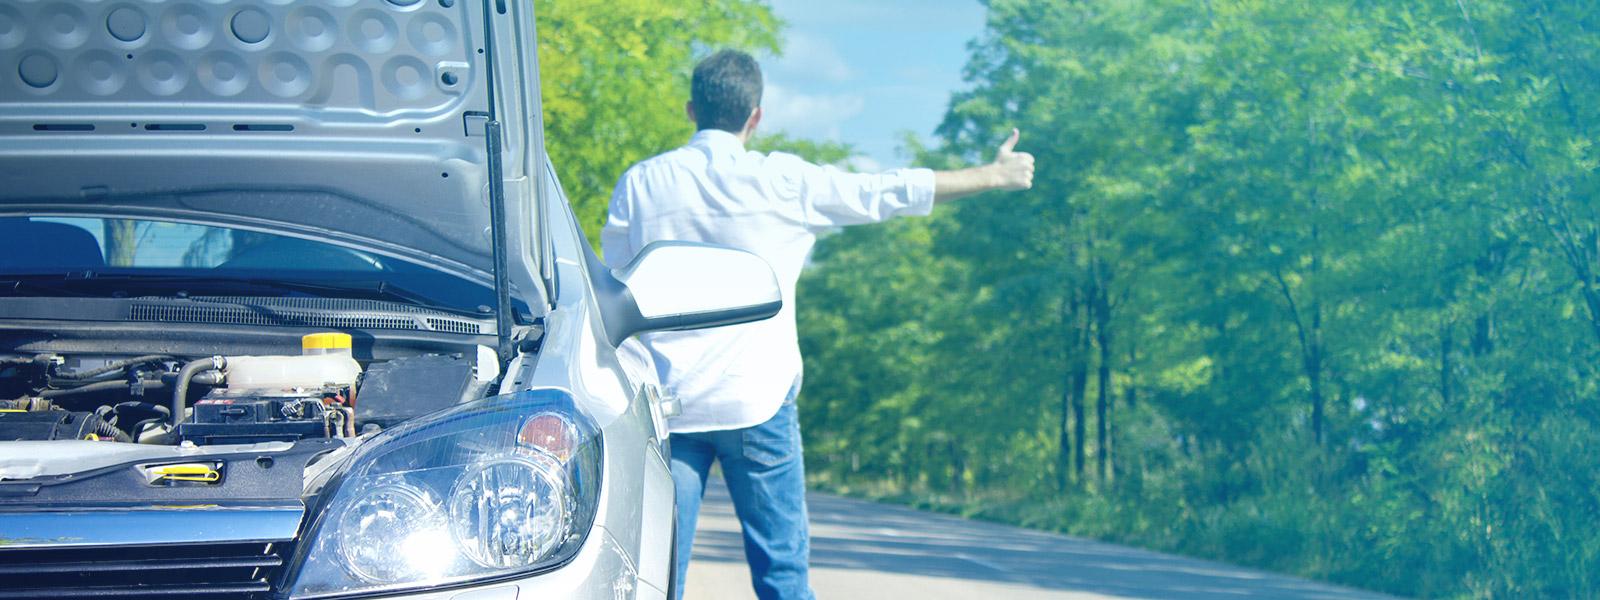 Rastreadores bloqueiam os veículos aleatoriamente?